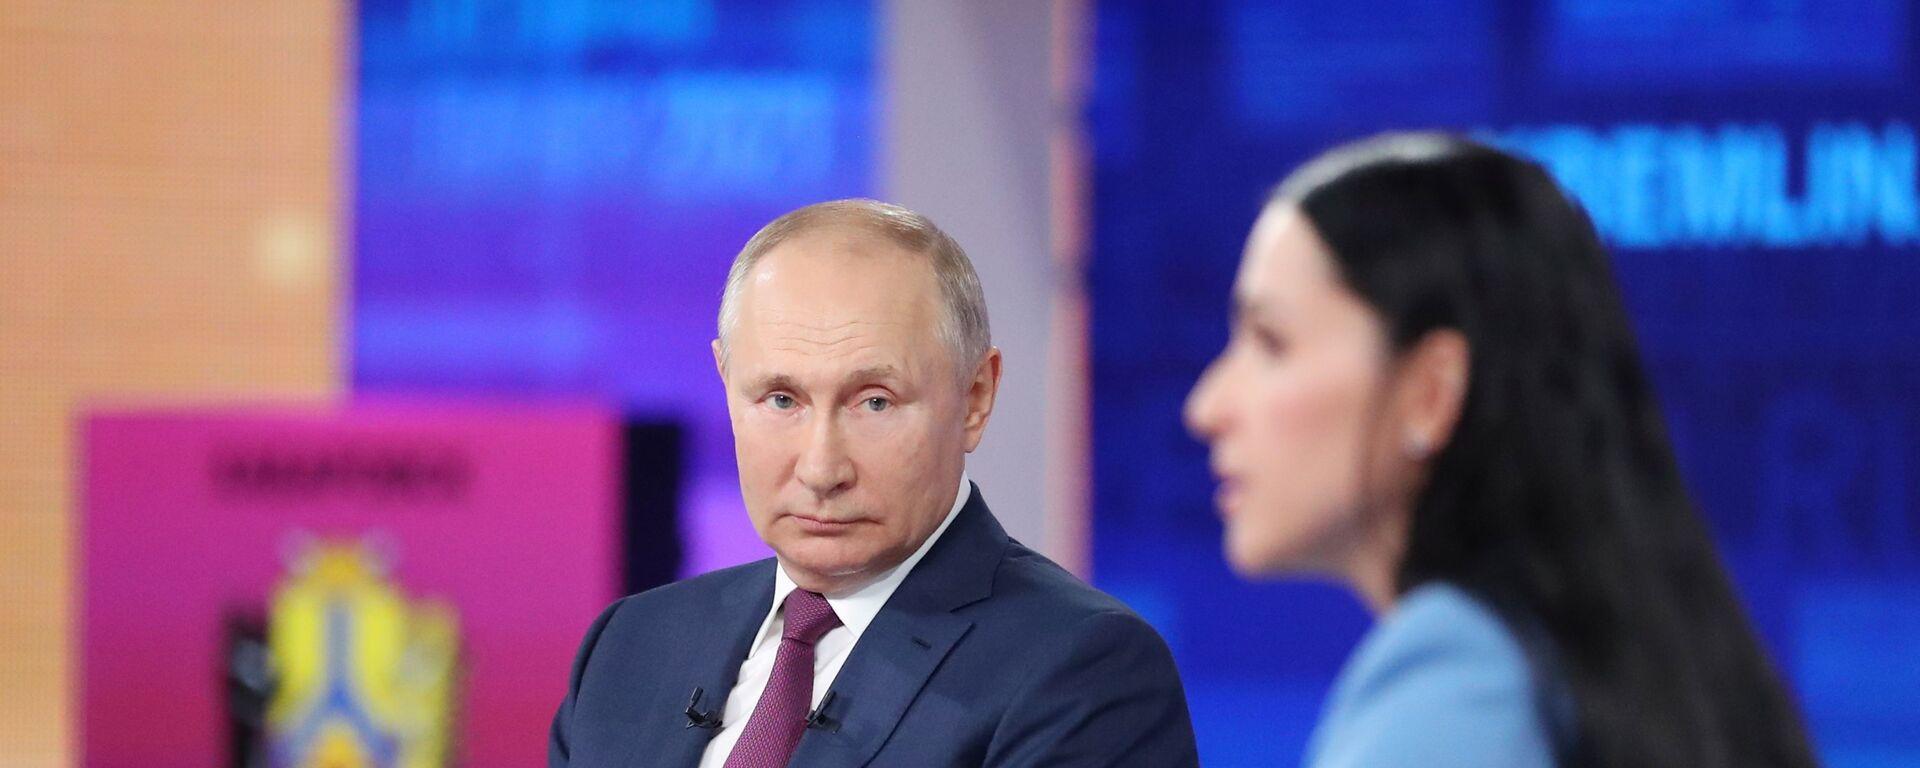 Vladimir Putin nadále odpovídá na dotazy občanů - Sputnik Česká republika, 1920, 30.06.2021